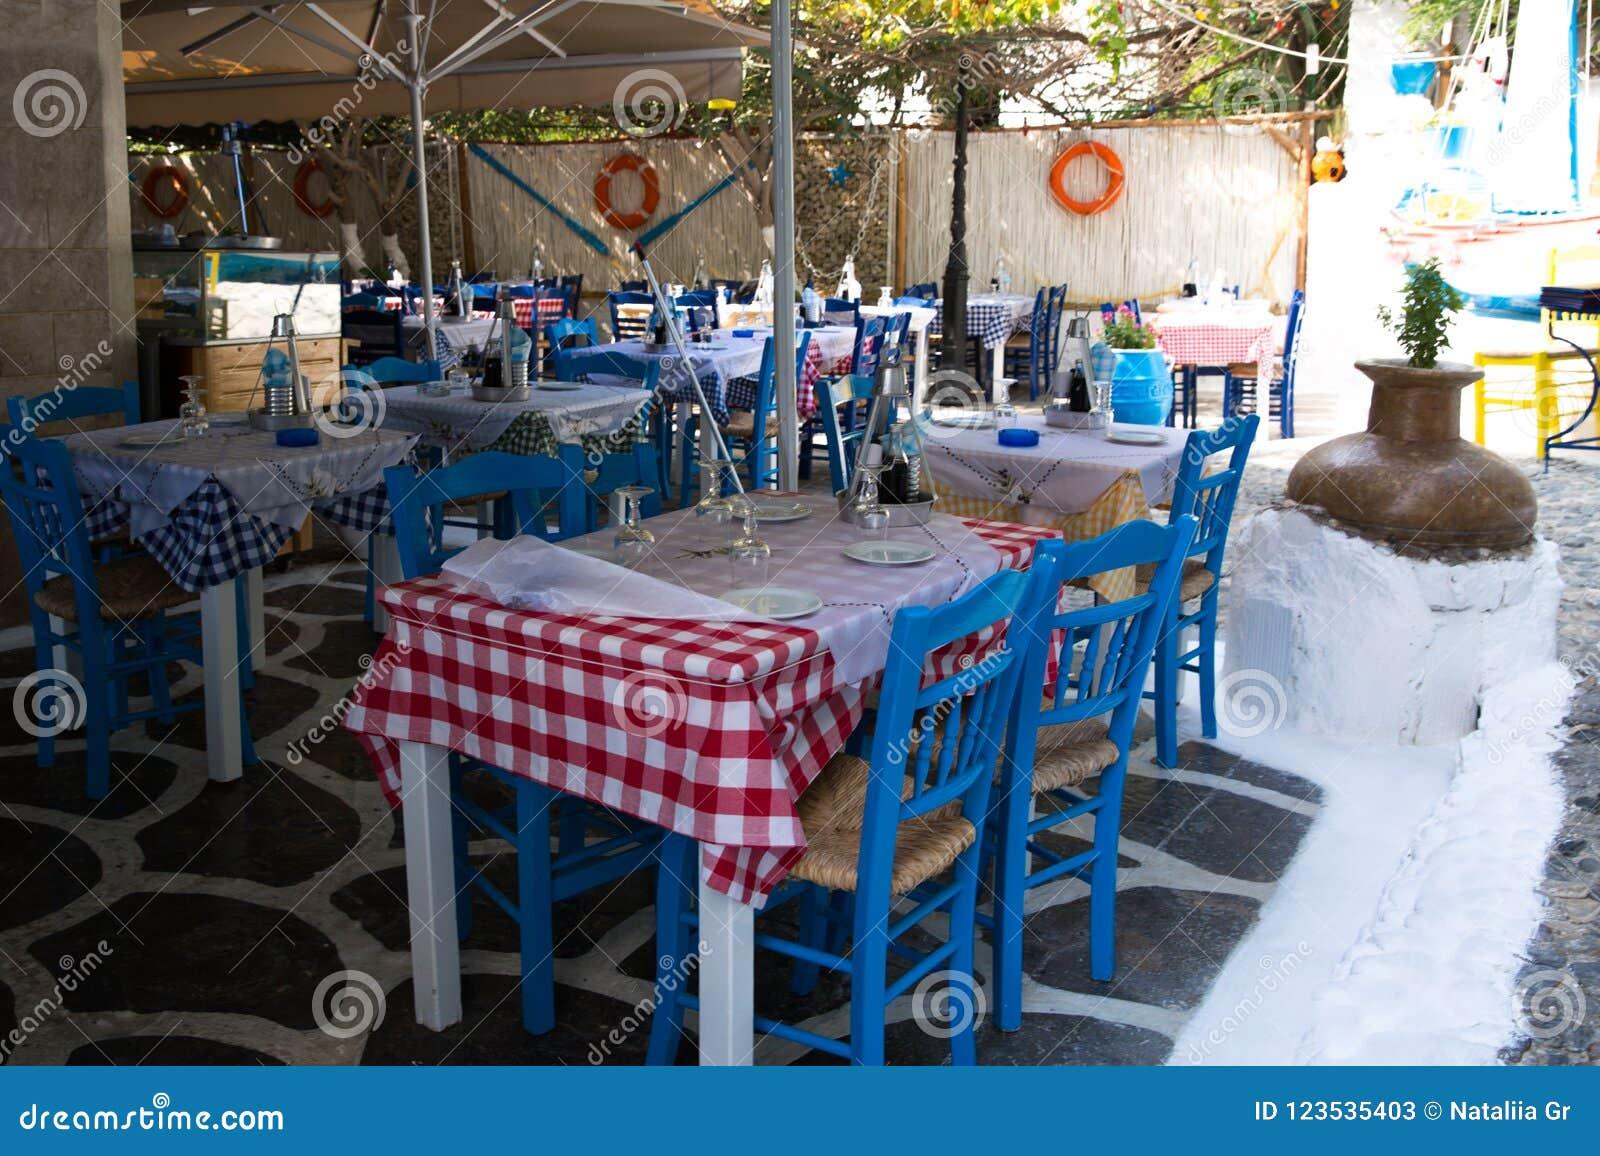 Verrassend Typische Griekse Herberg Met Blauwe Stoelen En Lijsten Met Geruit XT-89